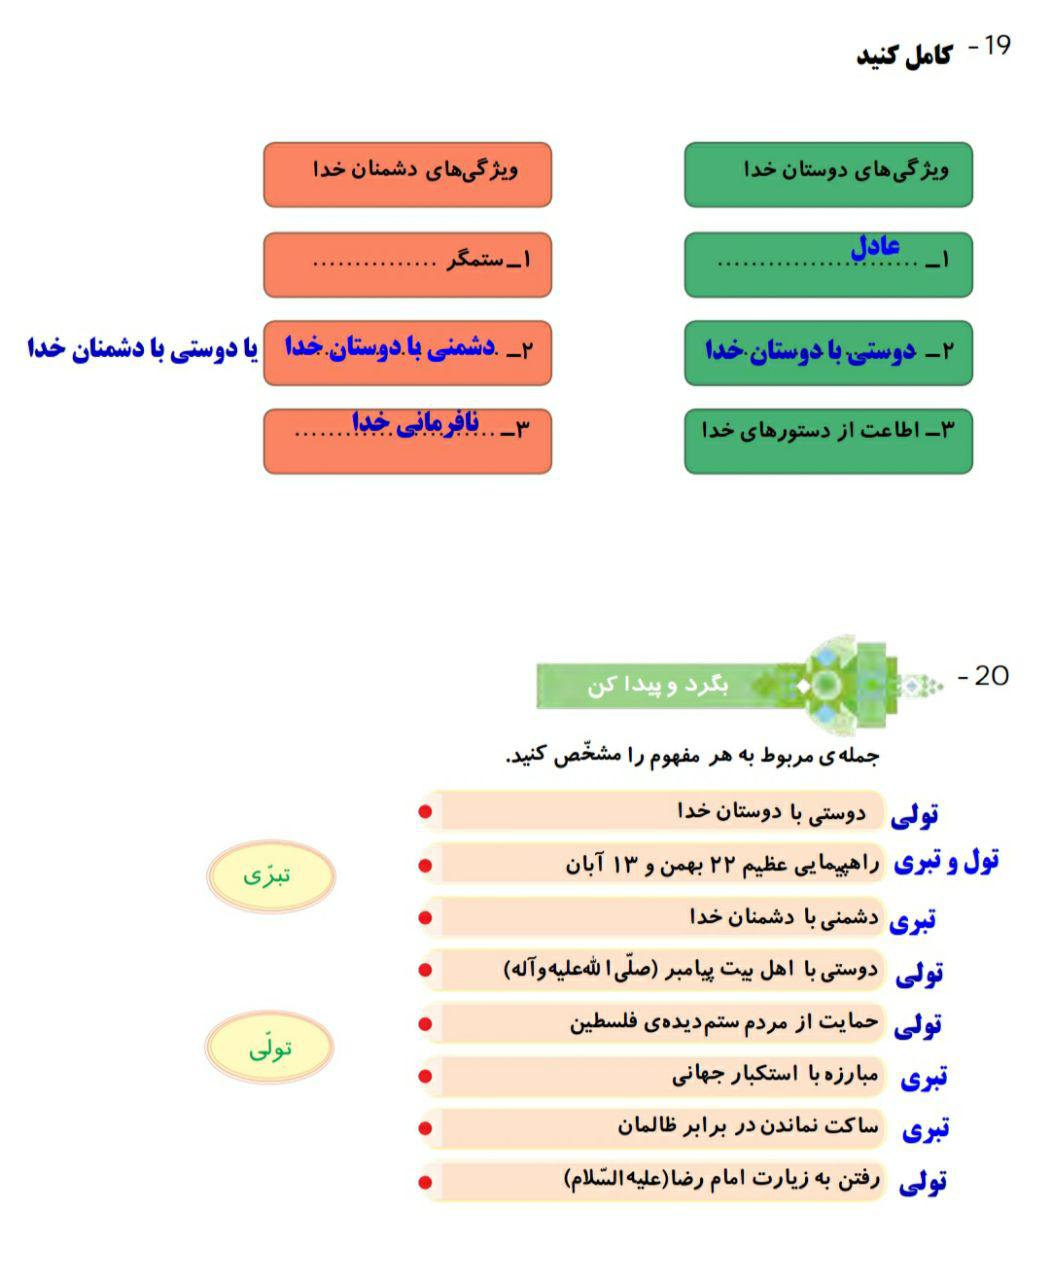 سوال 19-20